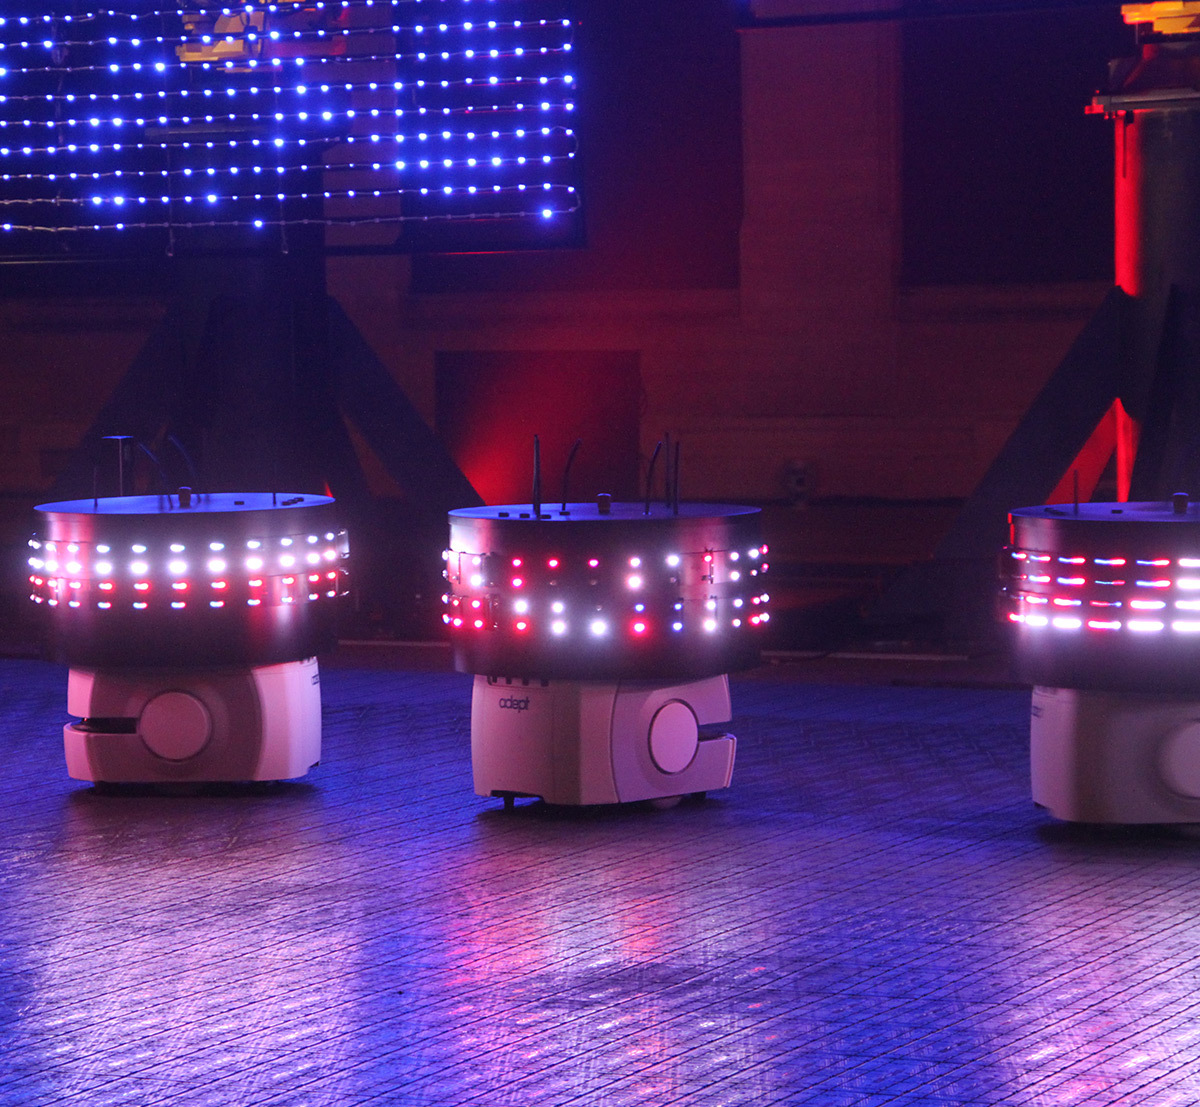 Roboticum, place Bellecour, Lyon, France - Yves Moreaux - Fête des lumières 2016, Lyon, France - Photo : Vincent Laganier